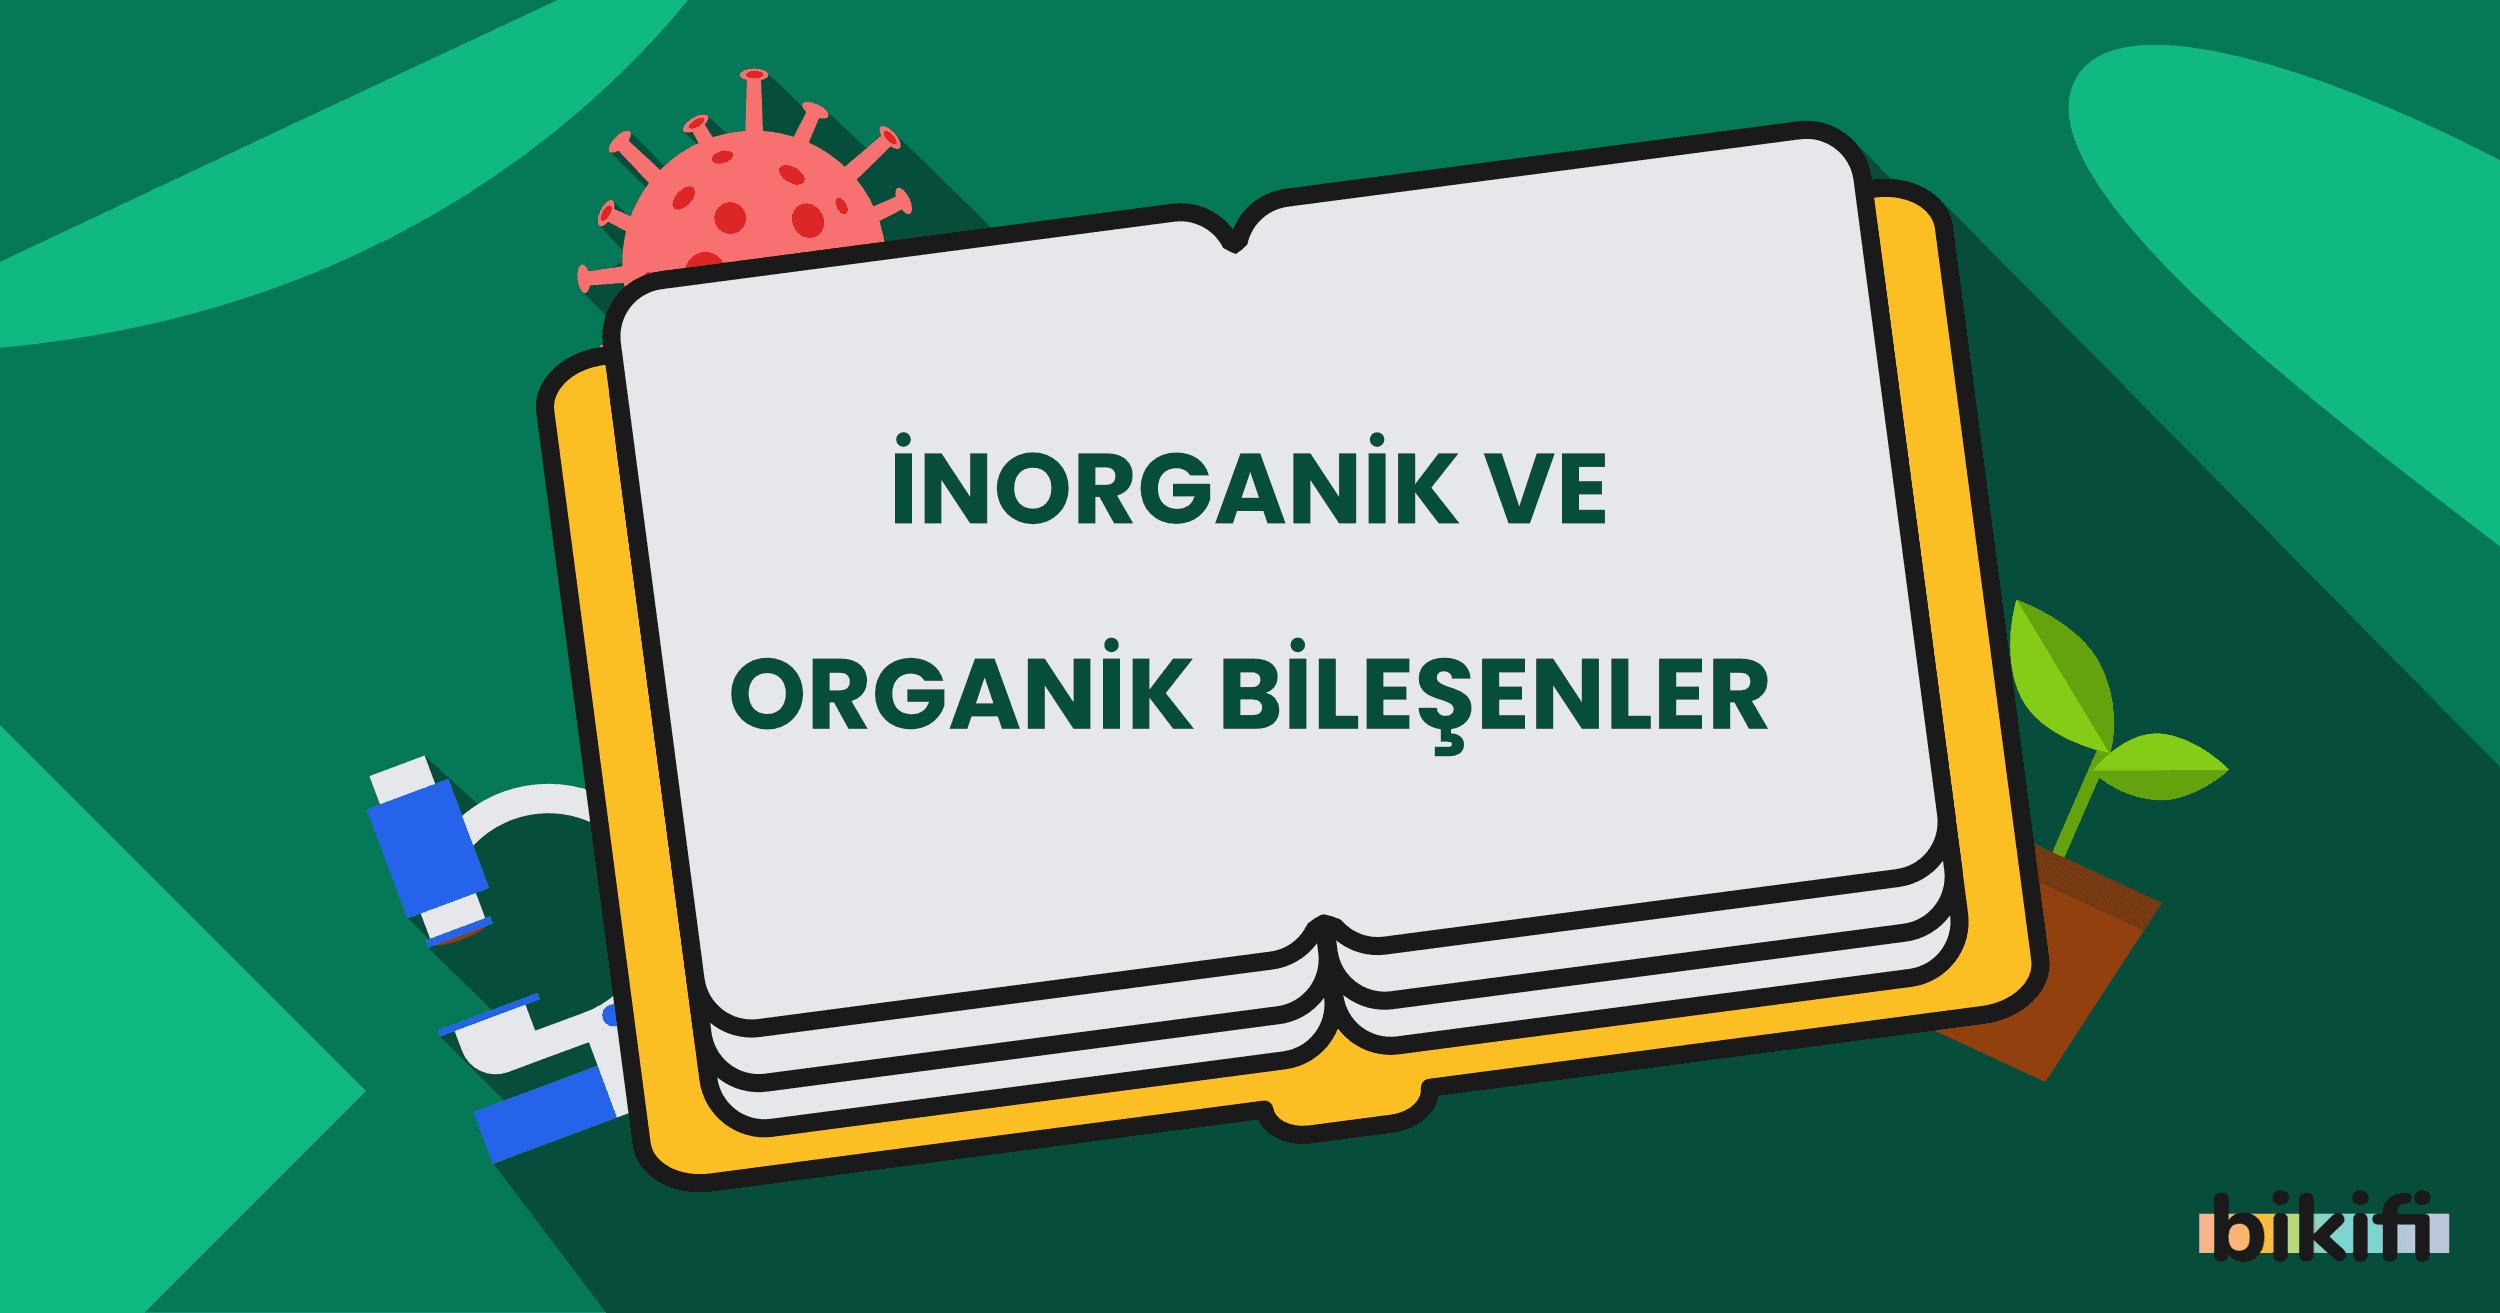 İnorganik ve Organik Bileşenler